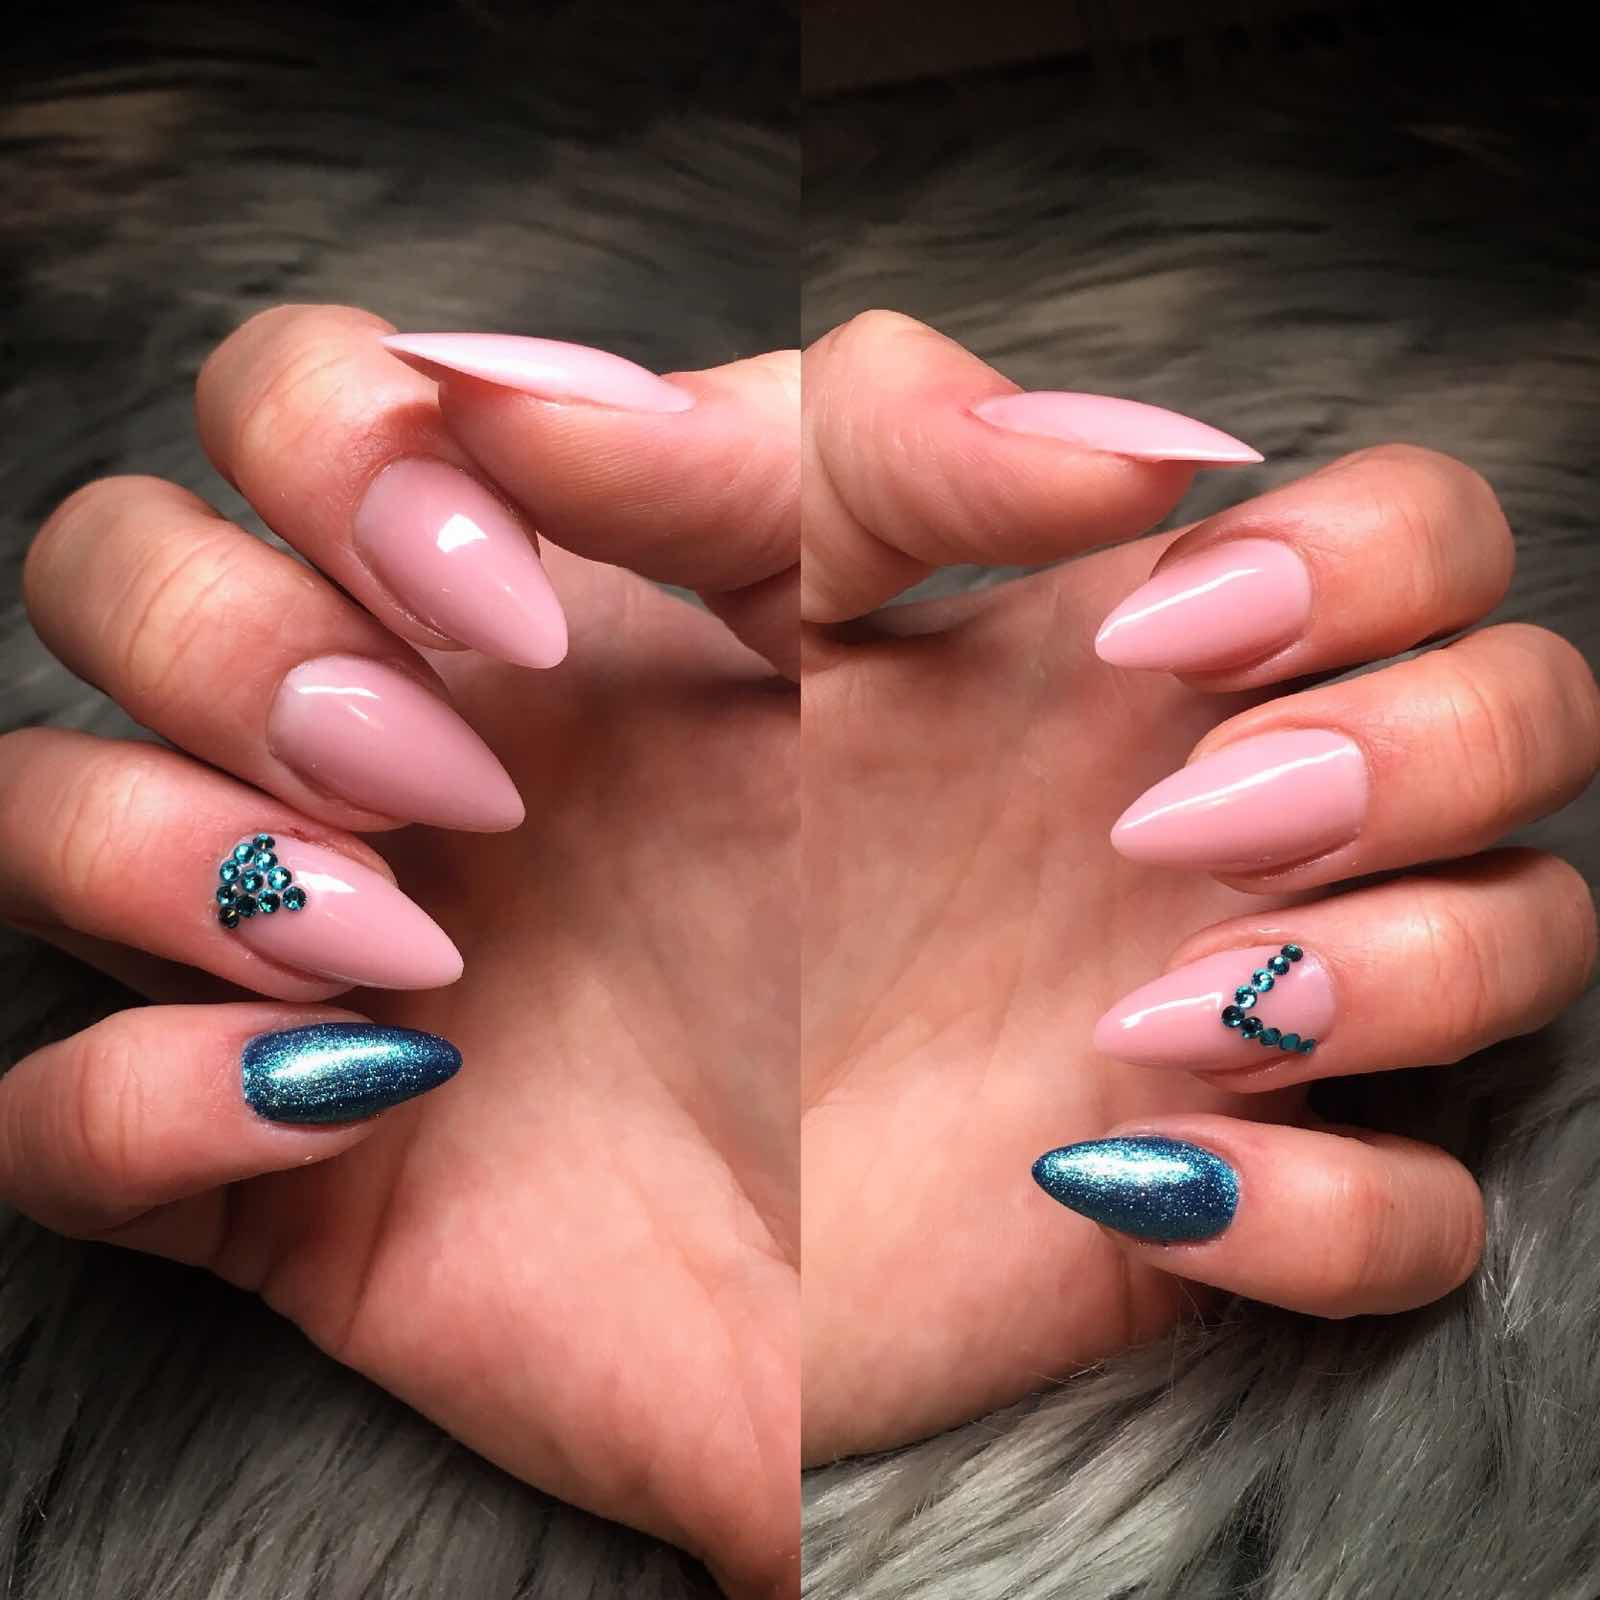 nagel design 19